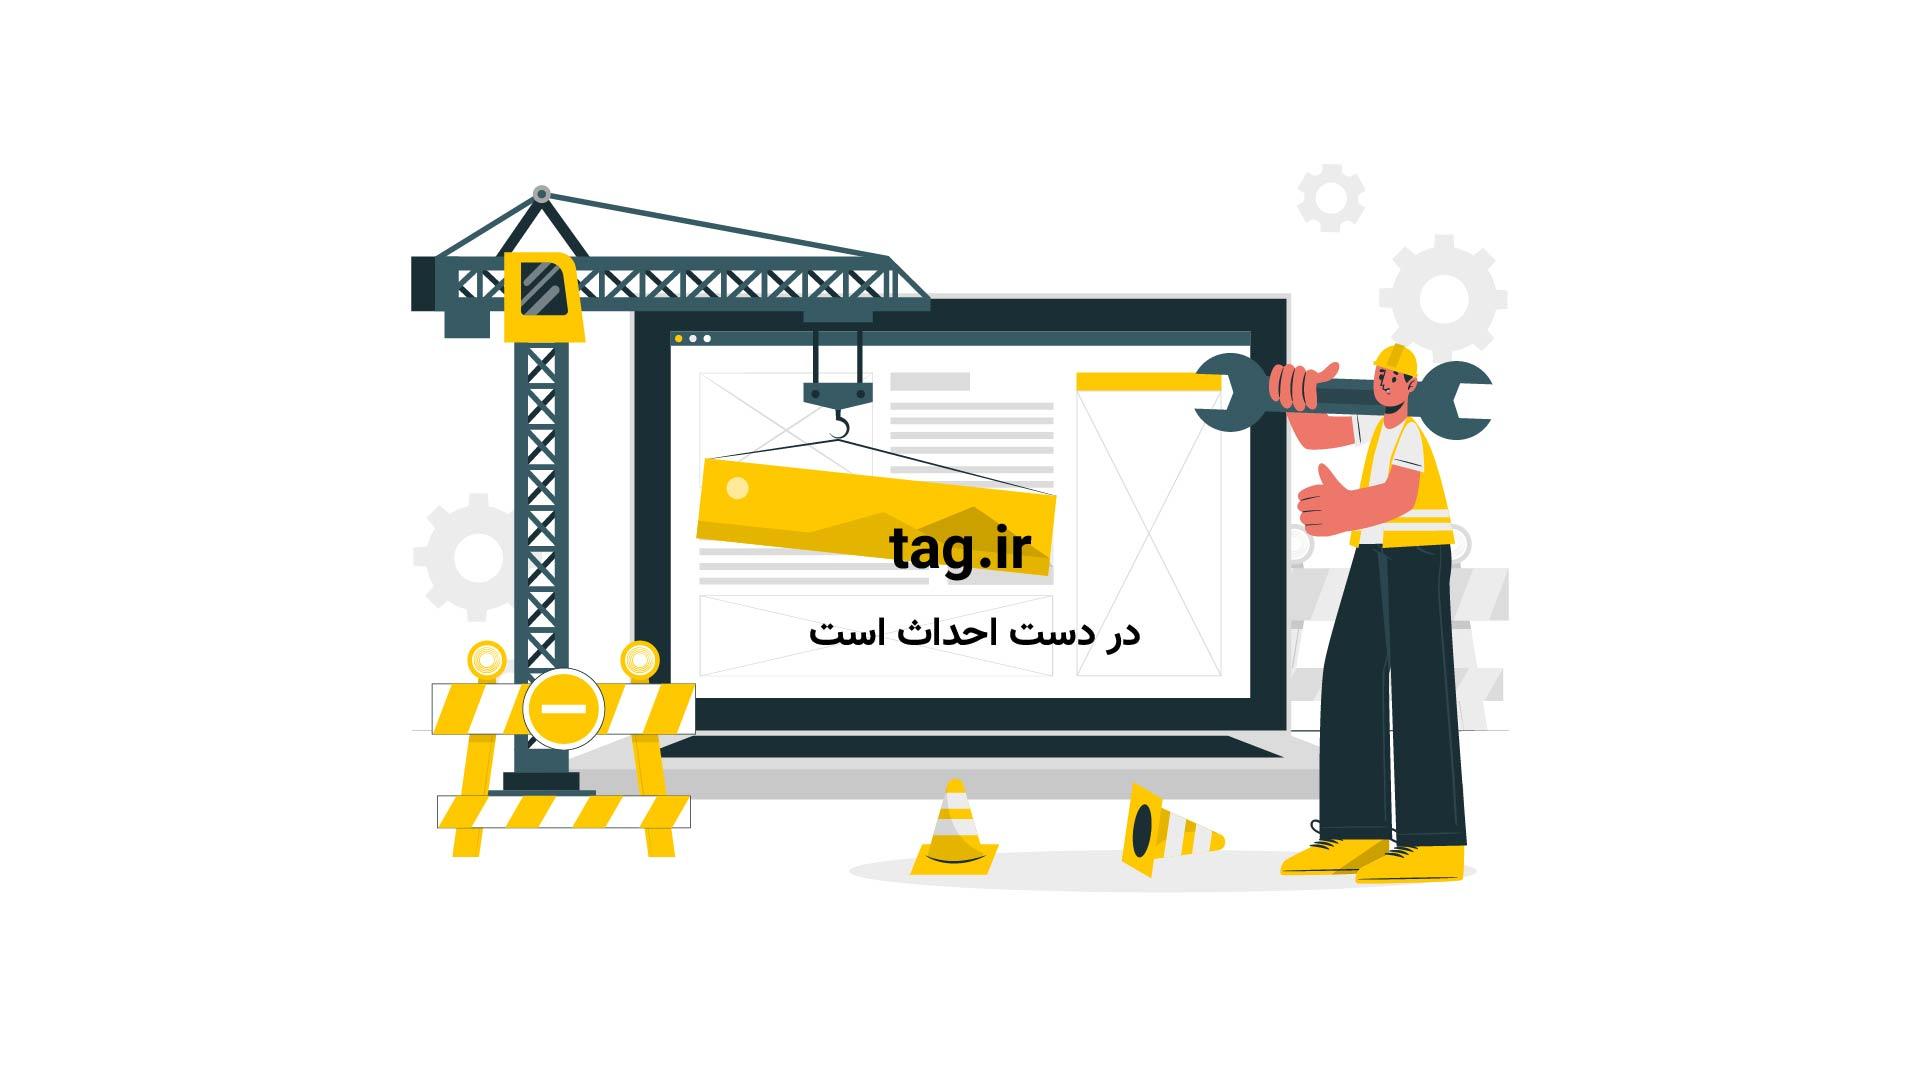 لبخند 20 ثانیهای فرزاد حسنی در برنامه خندوانه | فیلم